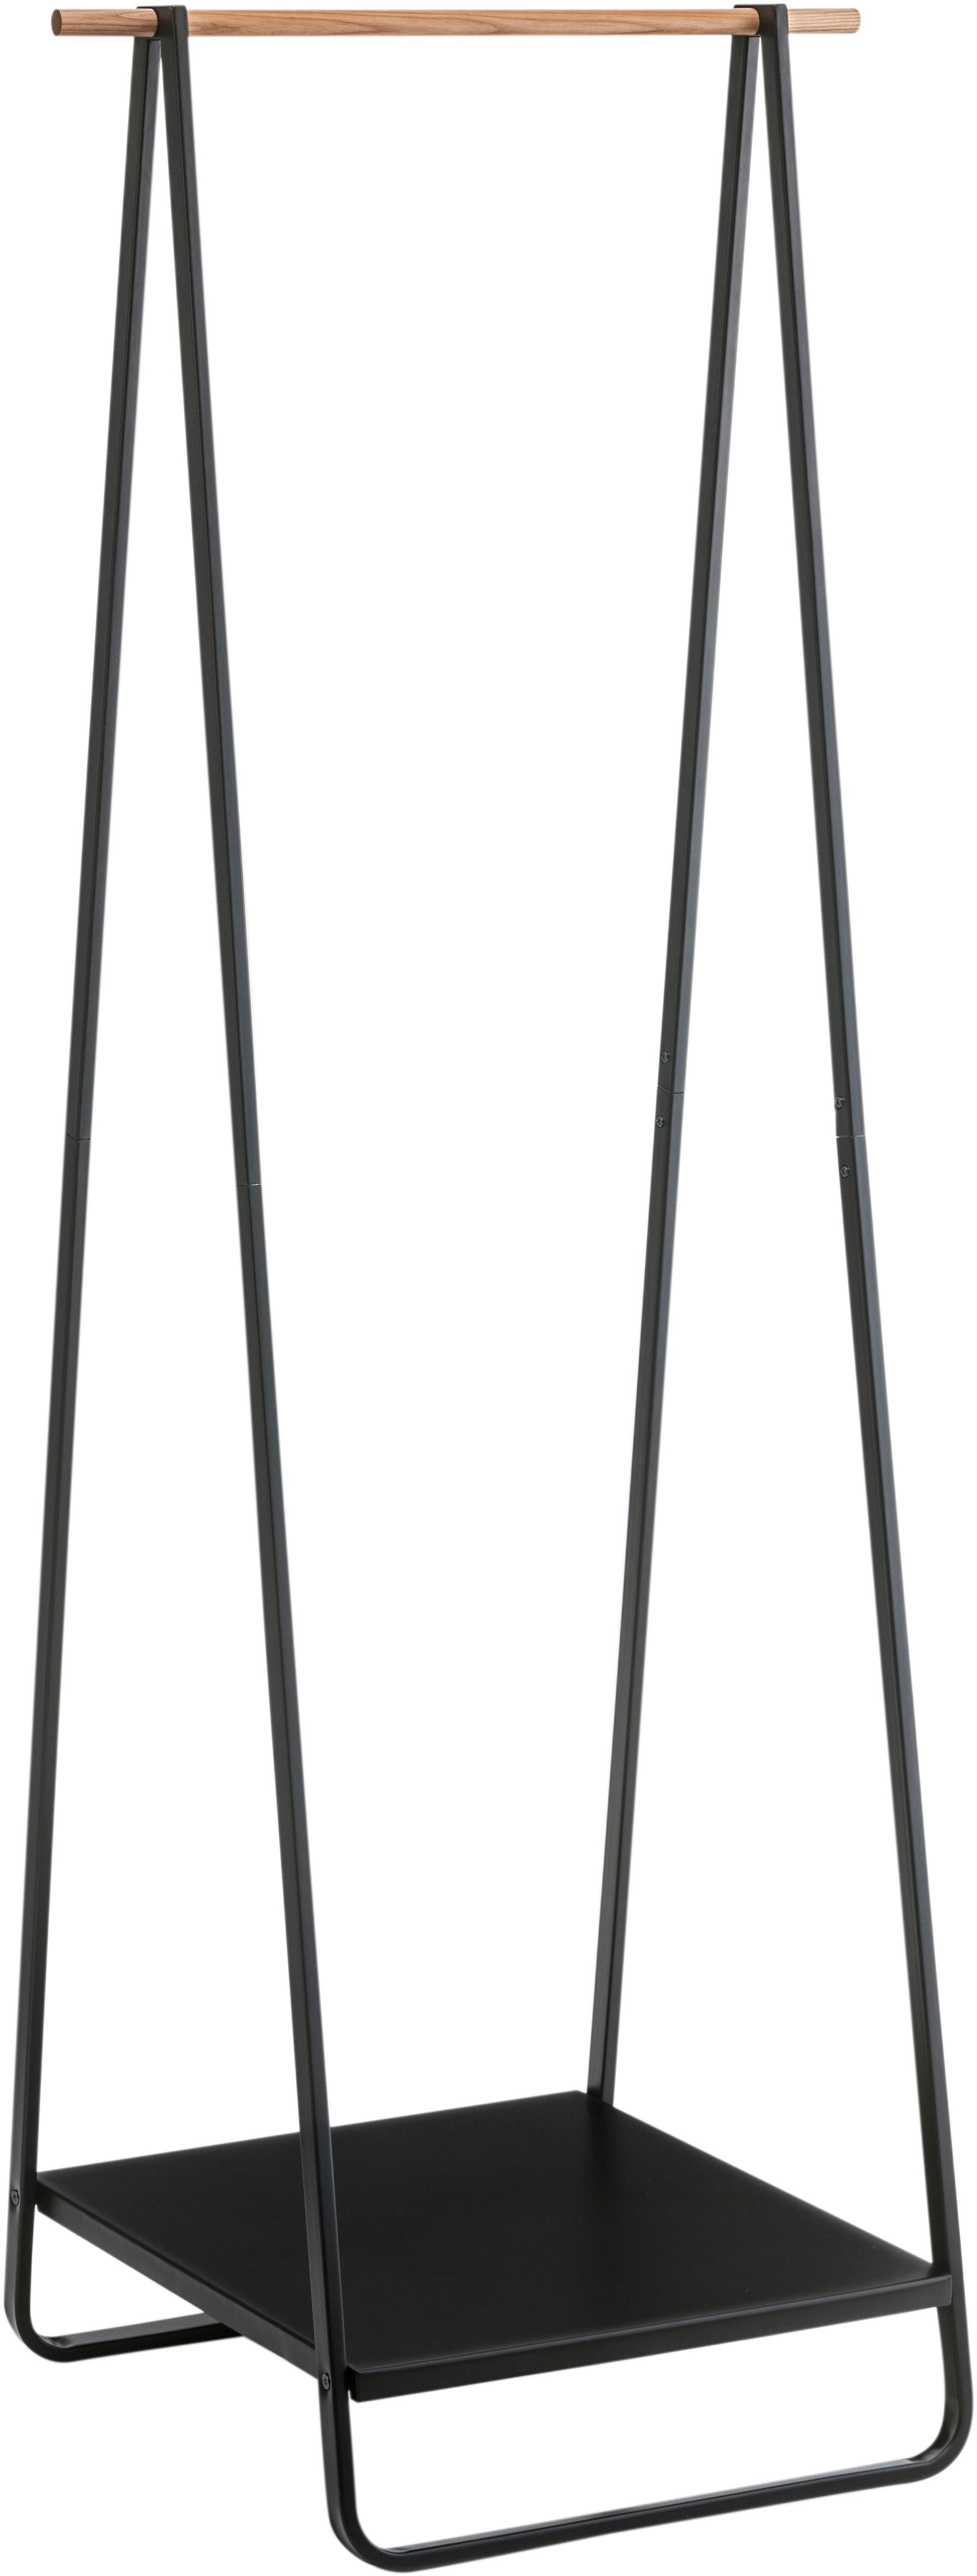 Appendiabiti in metalloTower, Nero, Larg. 52 x Alt. 140 cm